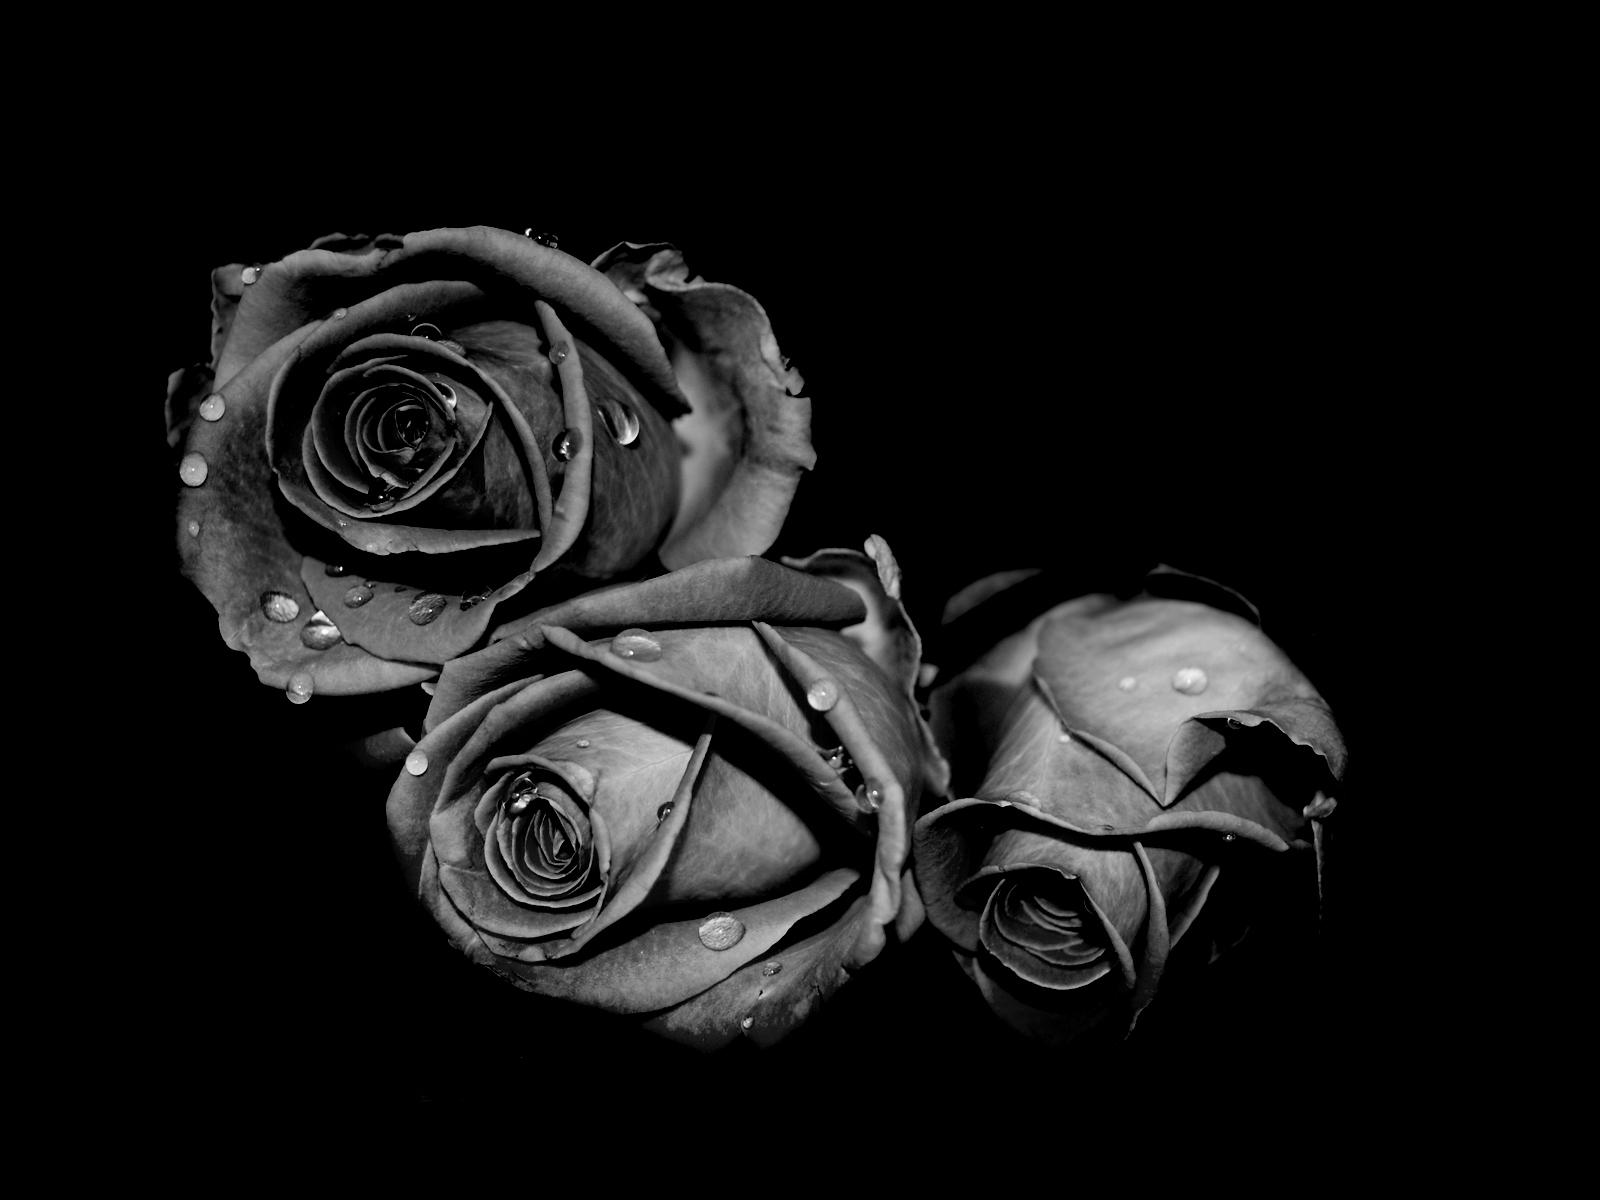 tải hình ảnh màu đen